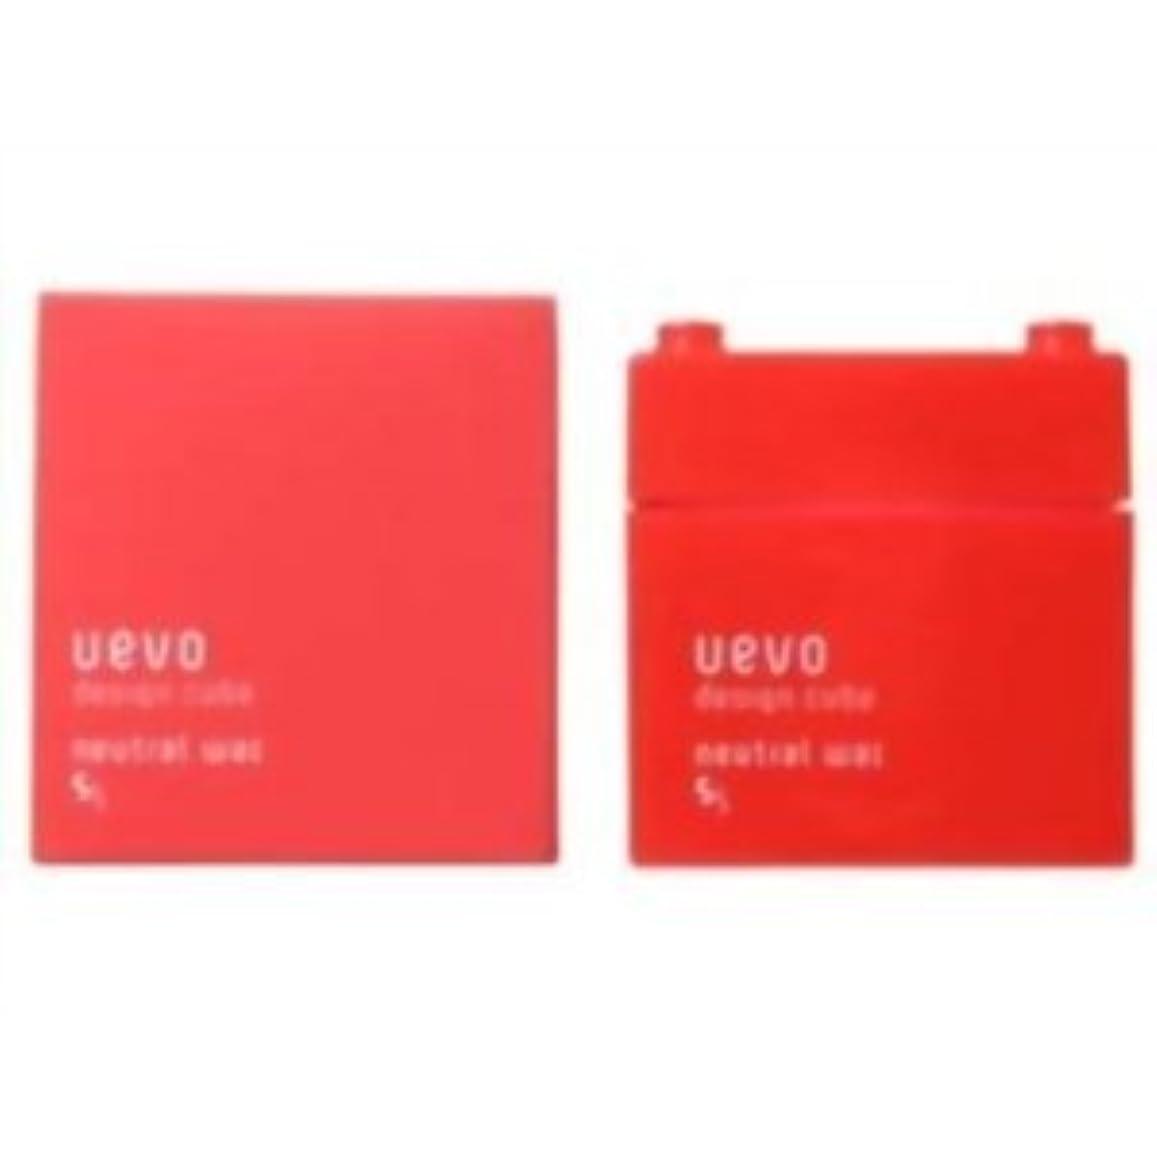 水を飲む過敏な等【X3個セット】 デミ ウェーボ デザインキューブ ニュートラルワックス 80g neutral wax DEMI uevo design cube